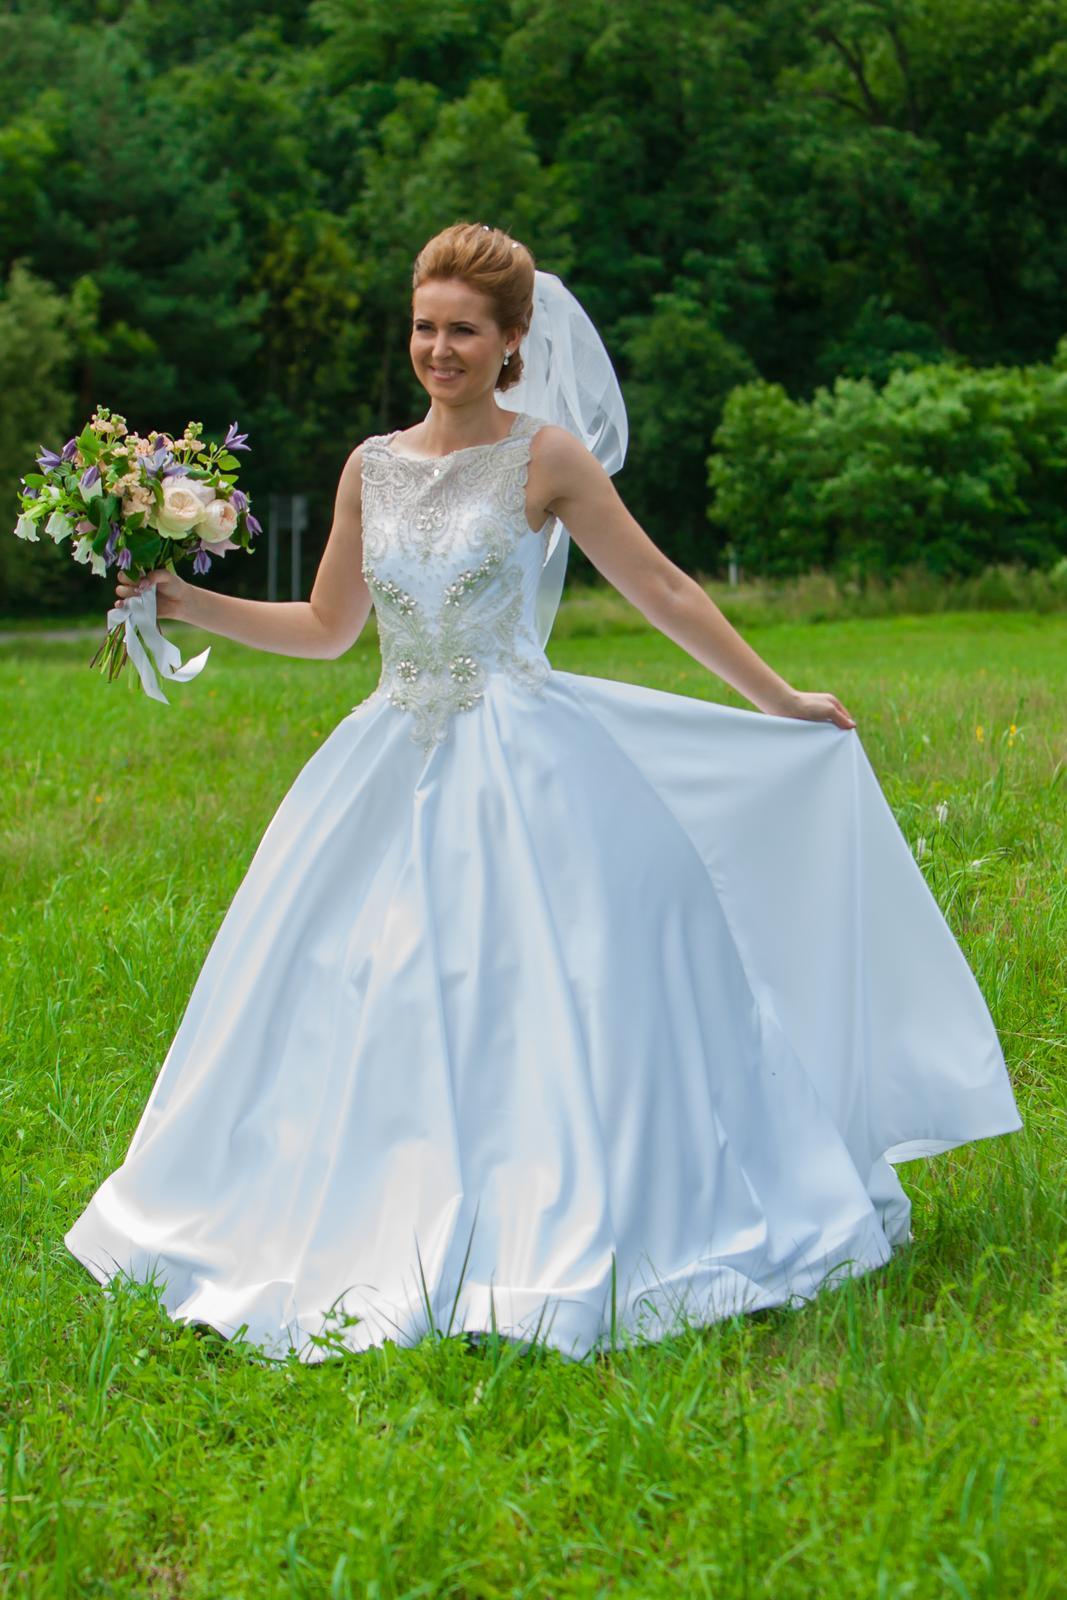 Svadobné šaty so zdobenou vrchnou časťou + závoj - Obrázok č. 2